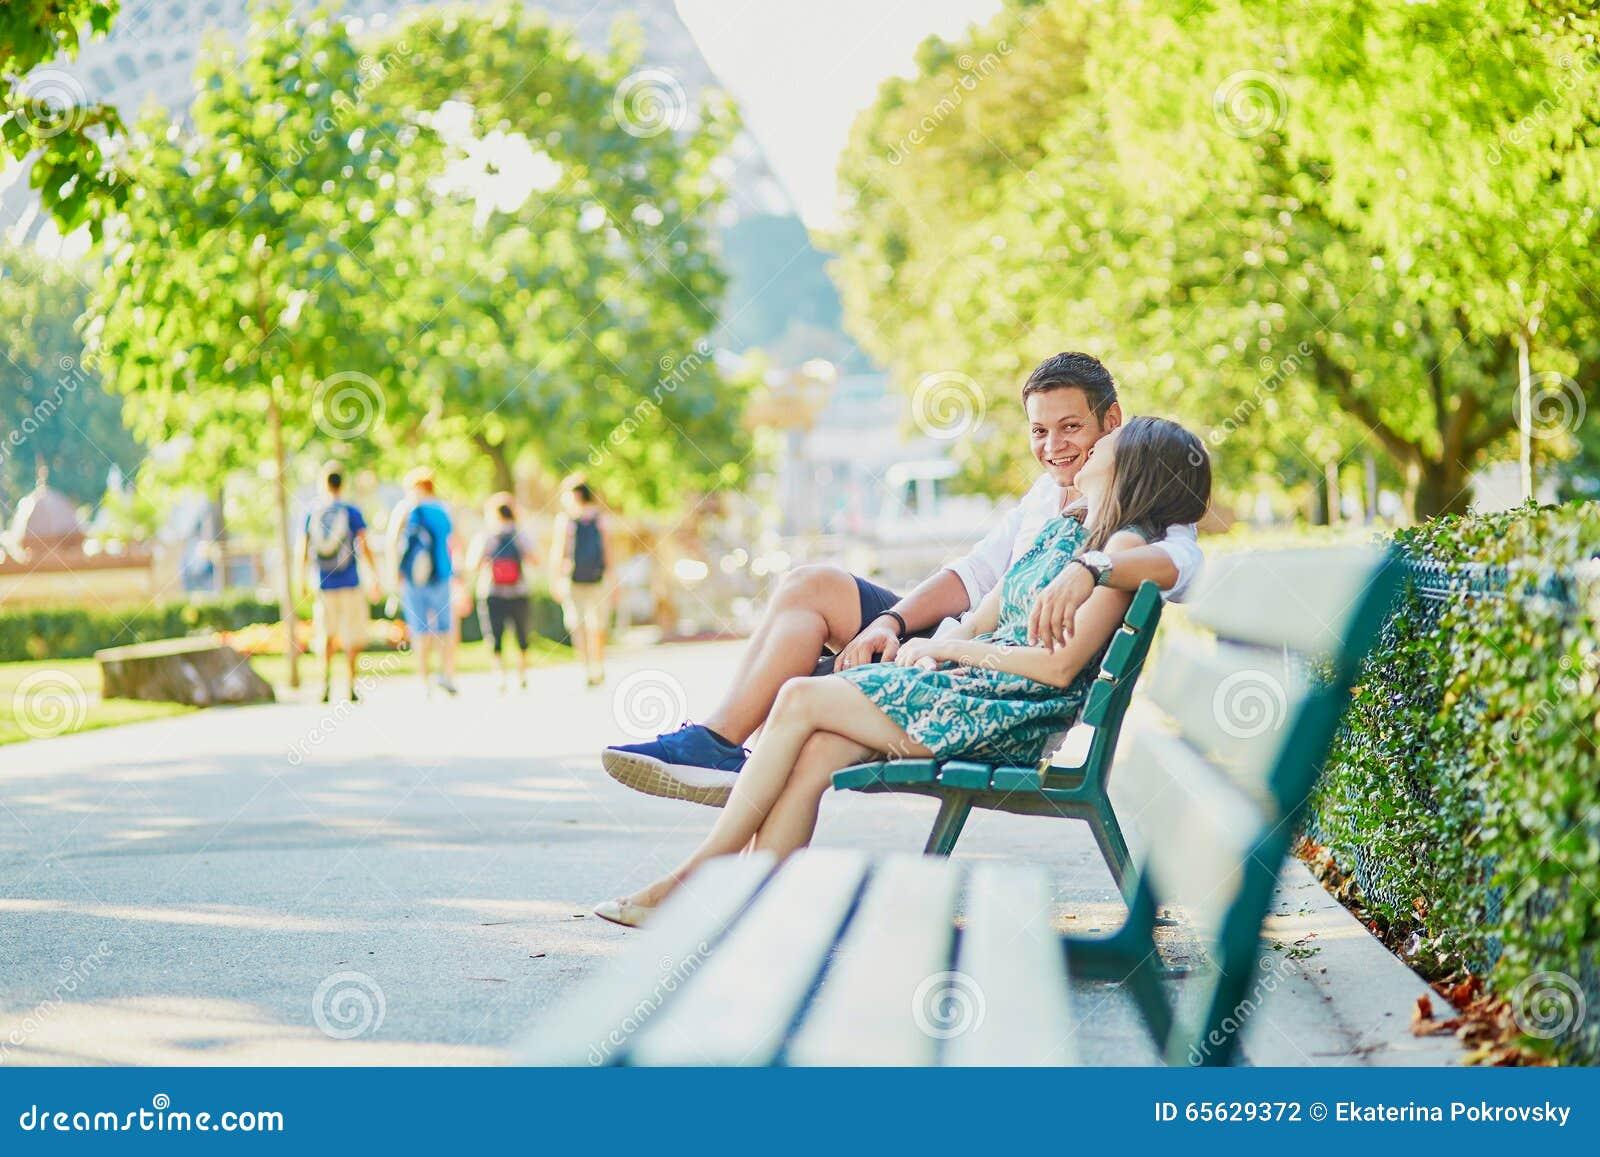 Couples heureux de datation sur un banc en parc parisien